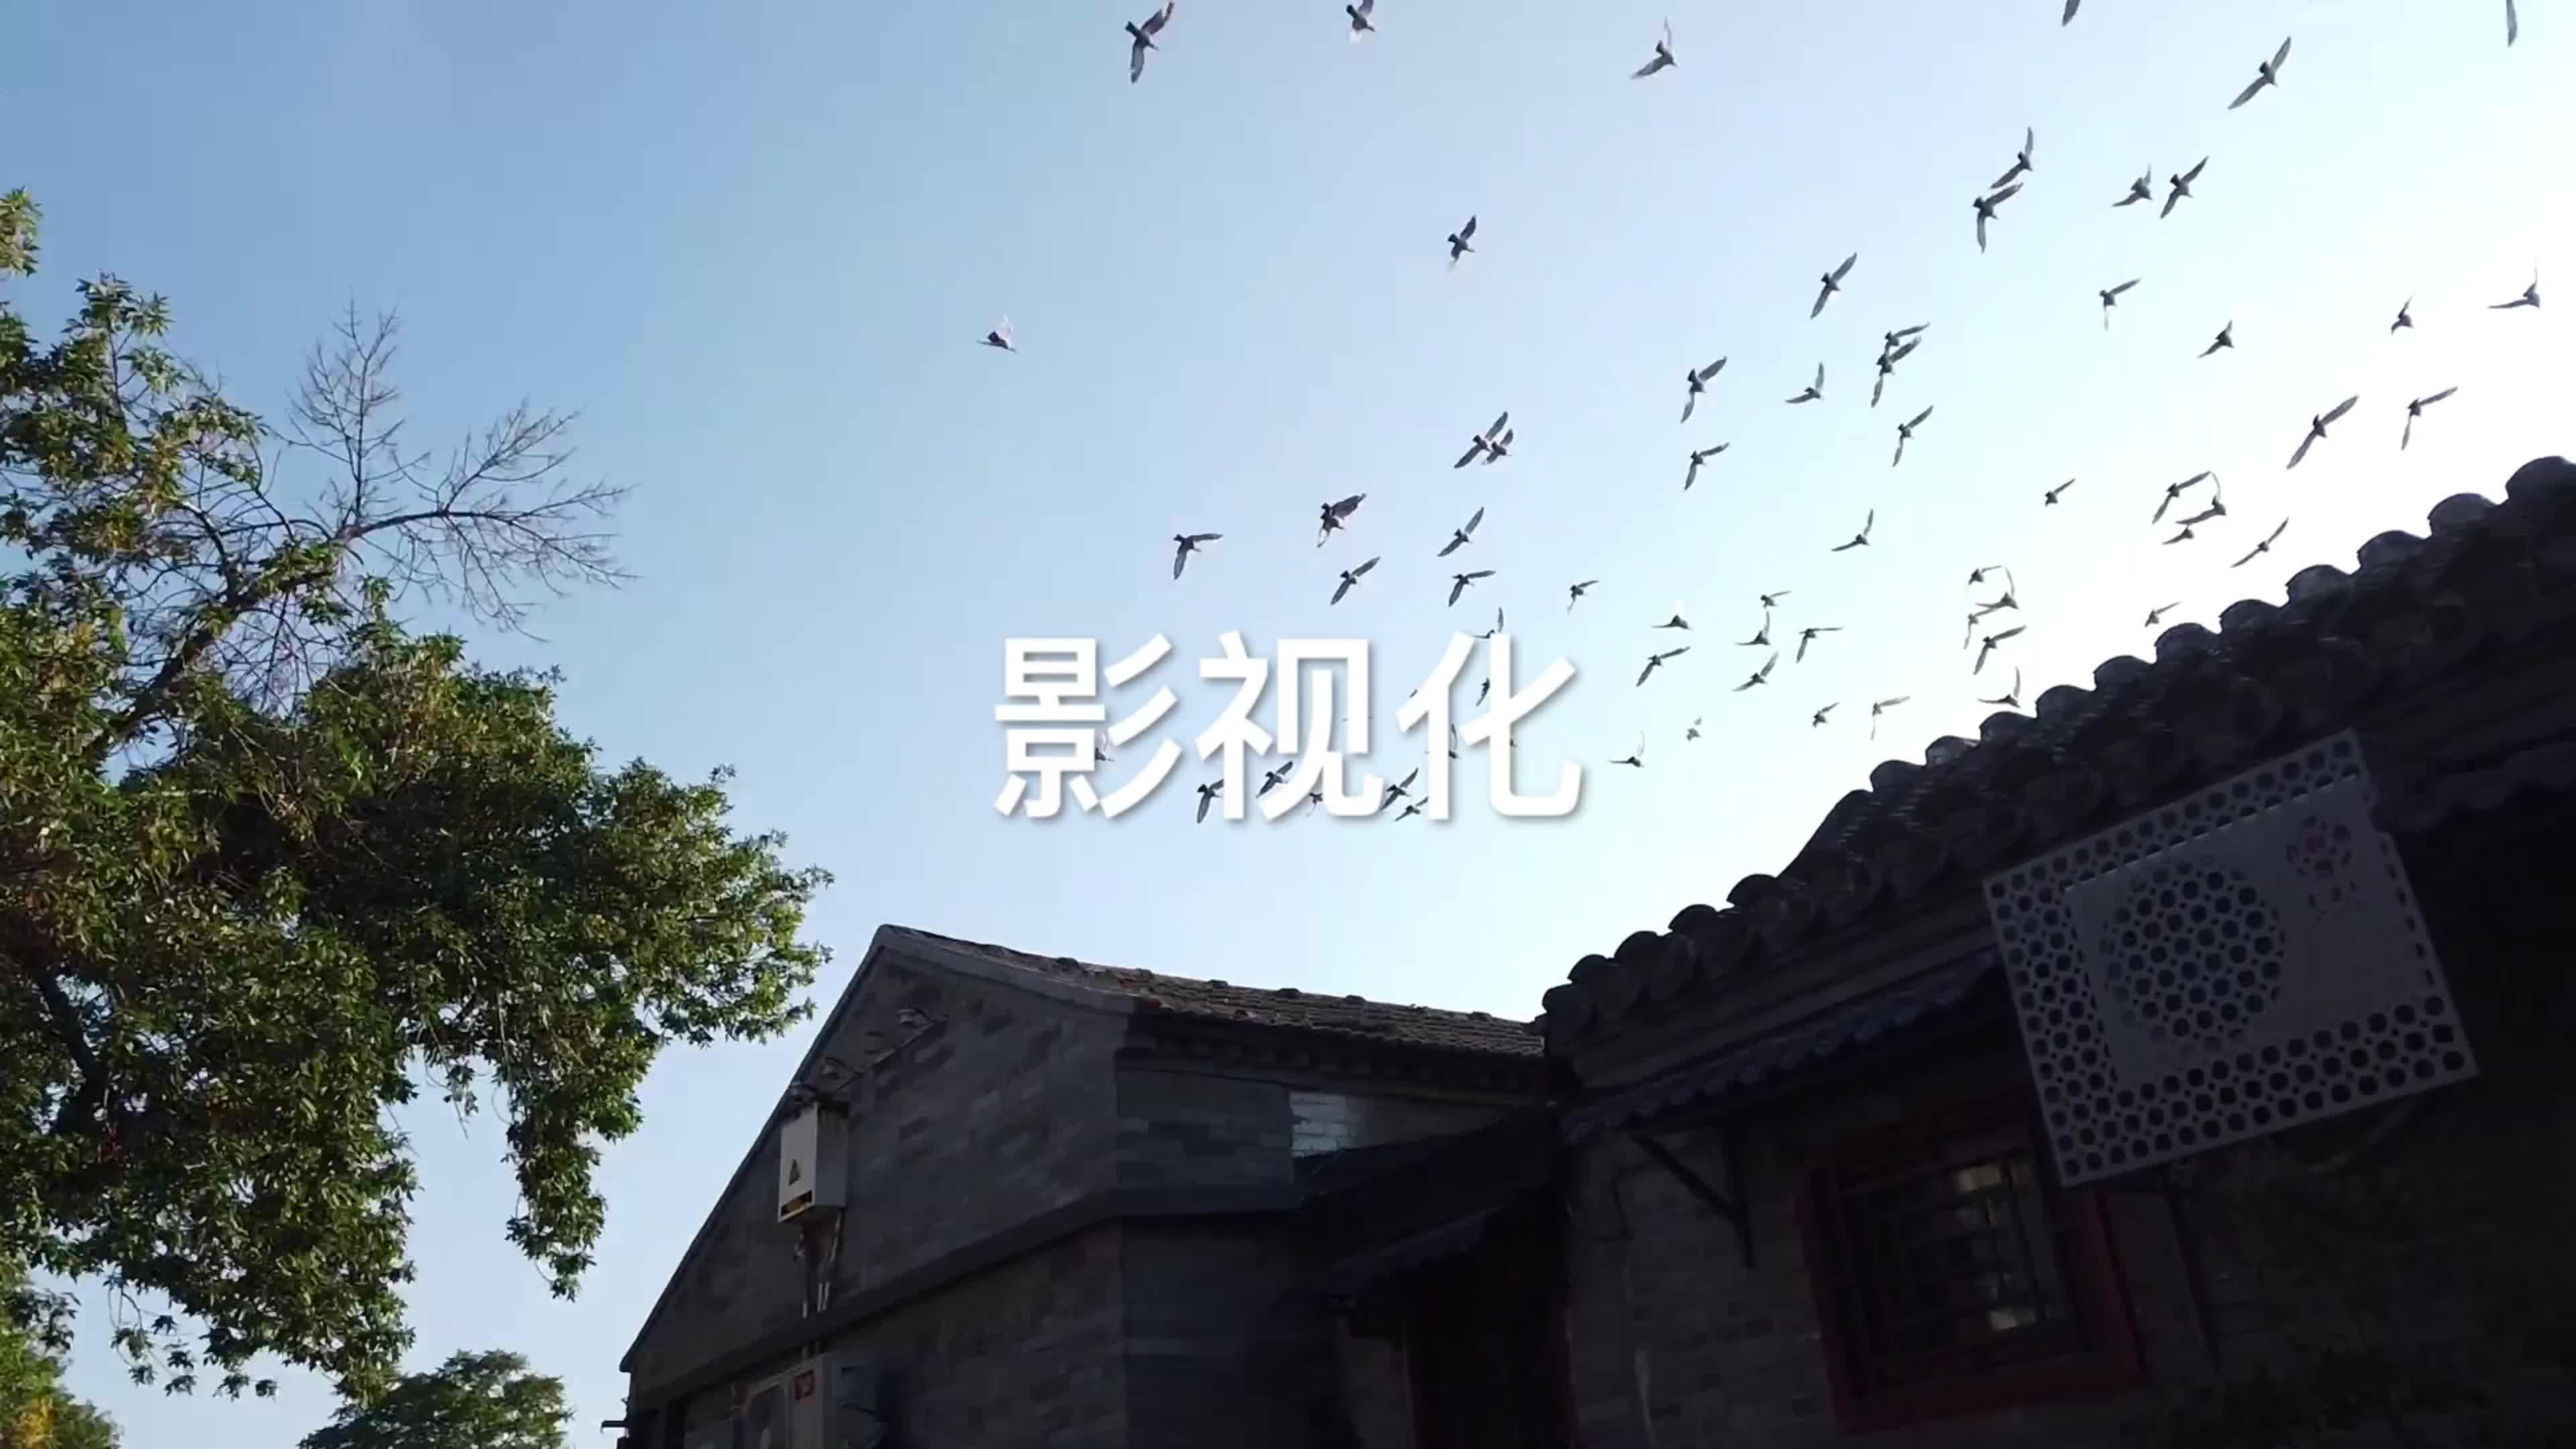 47 北京师范大学 戏剧影视文学 卢品言